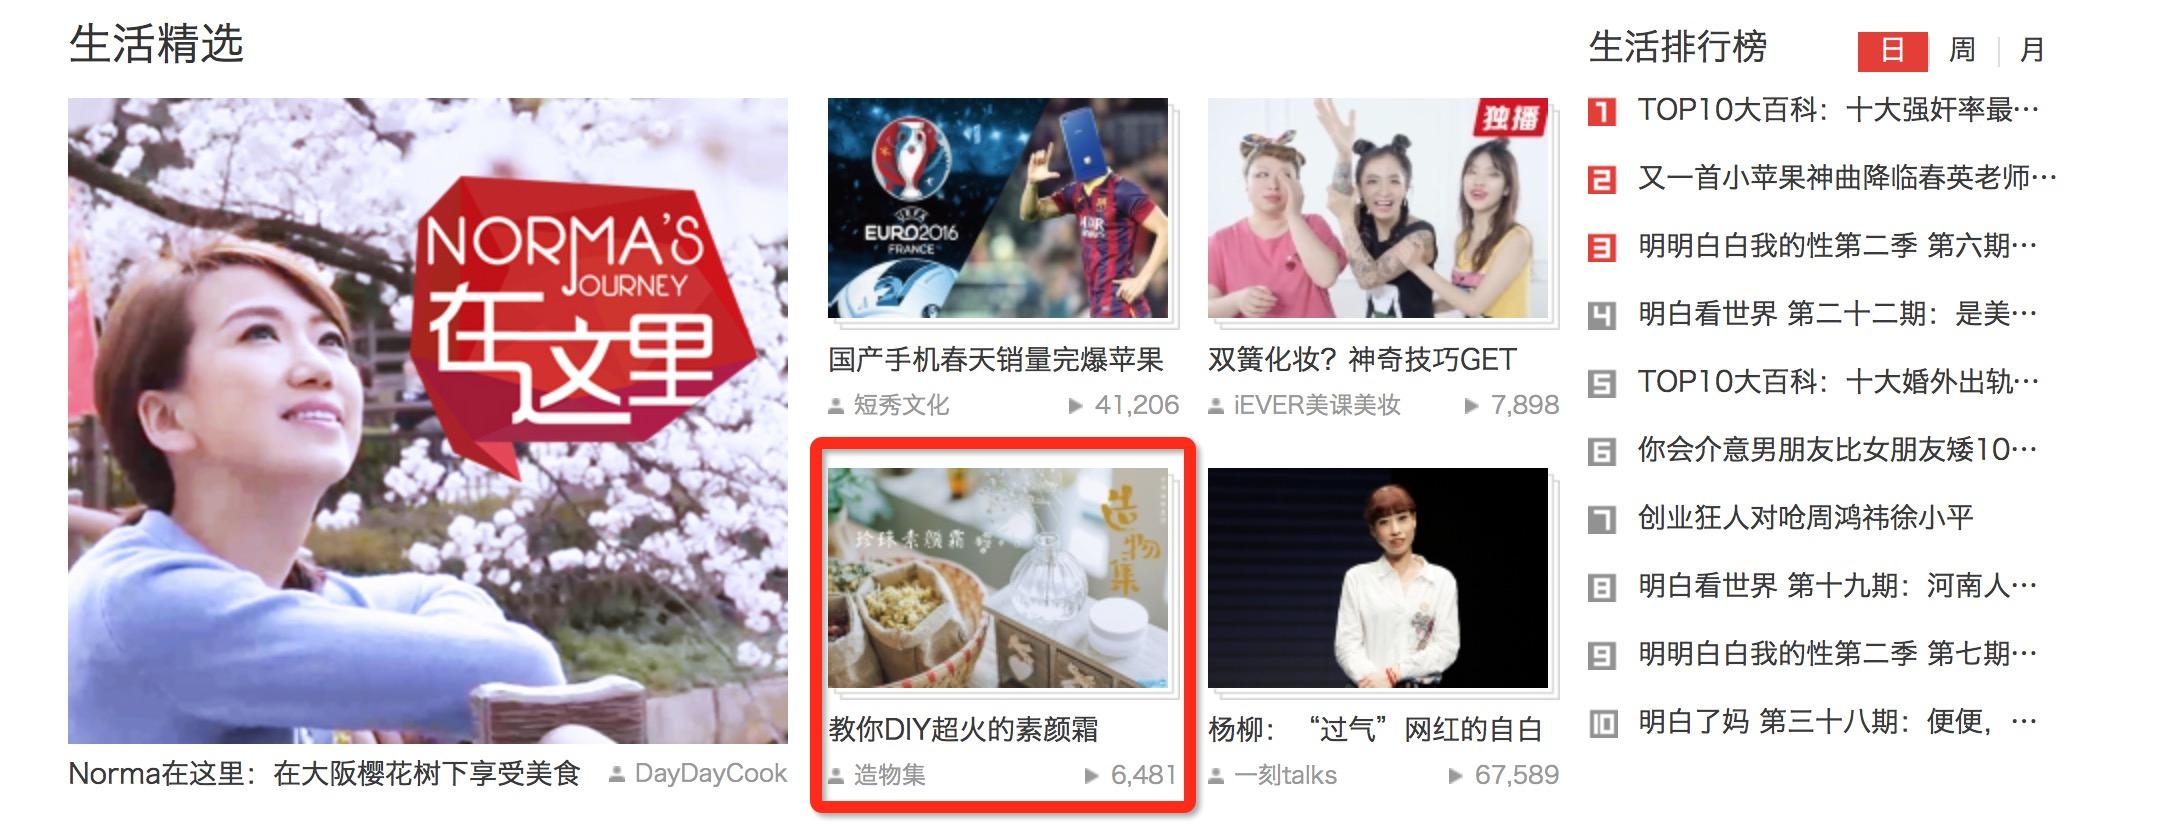 搜狐首页生活精选